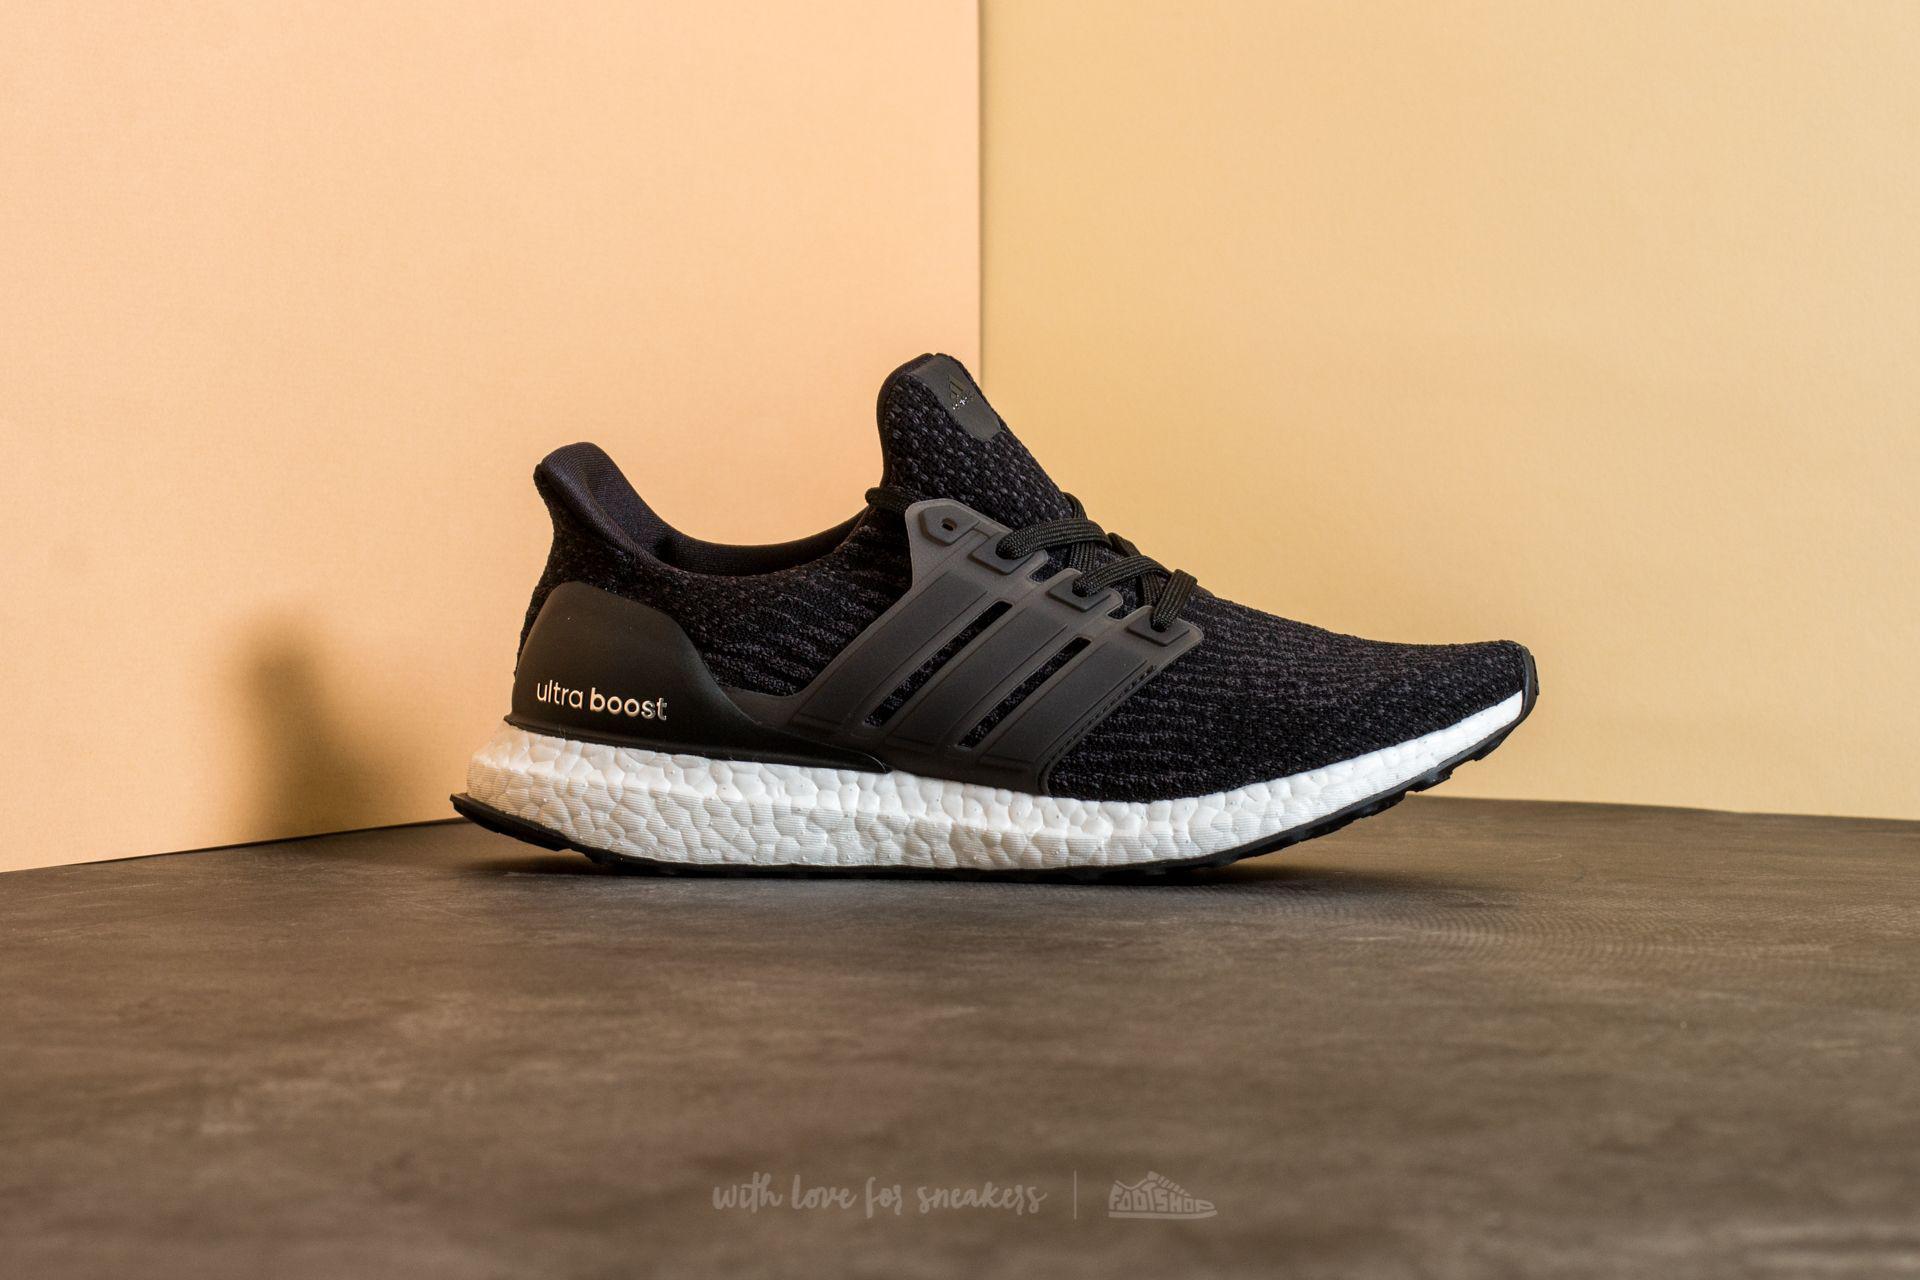 0162d5f49 ... australia lyst footshop adidas ultra boost w core black dark grey in  black b10a6 61582